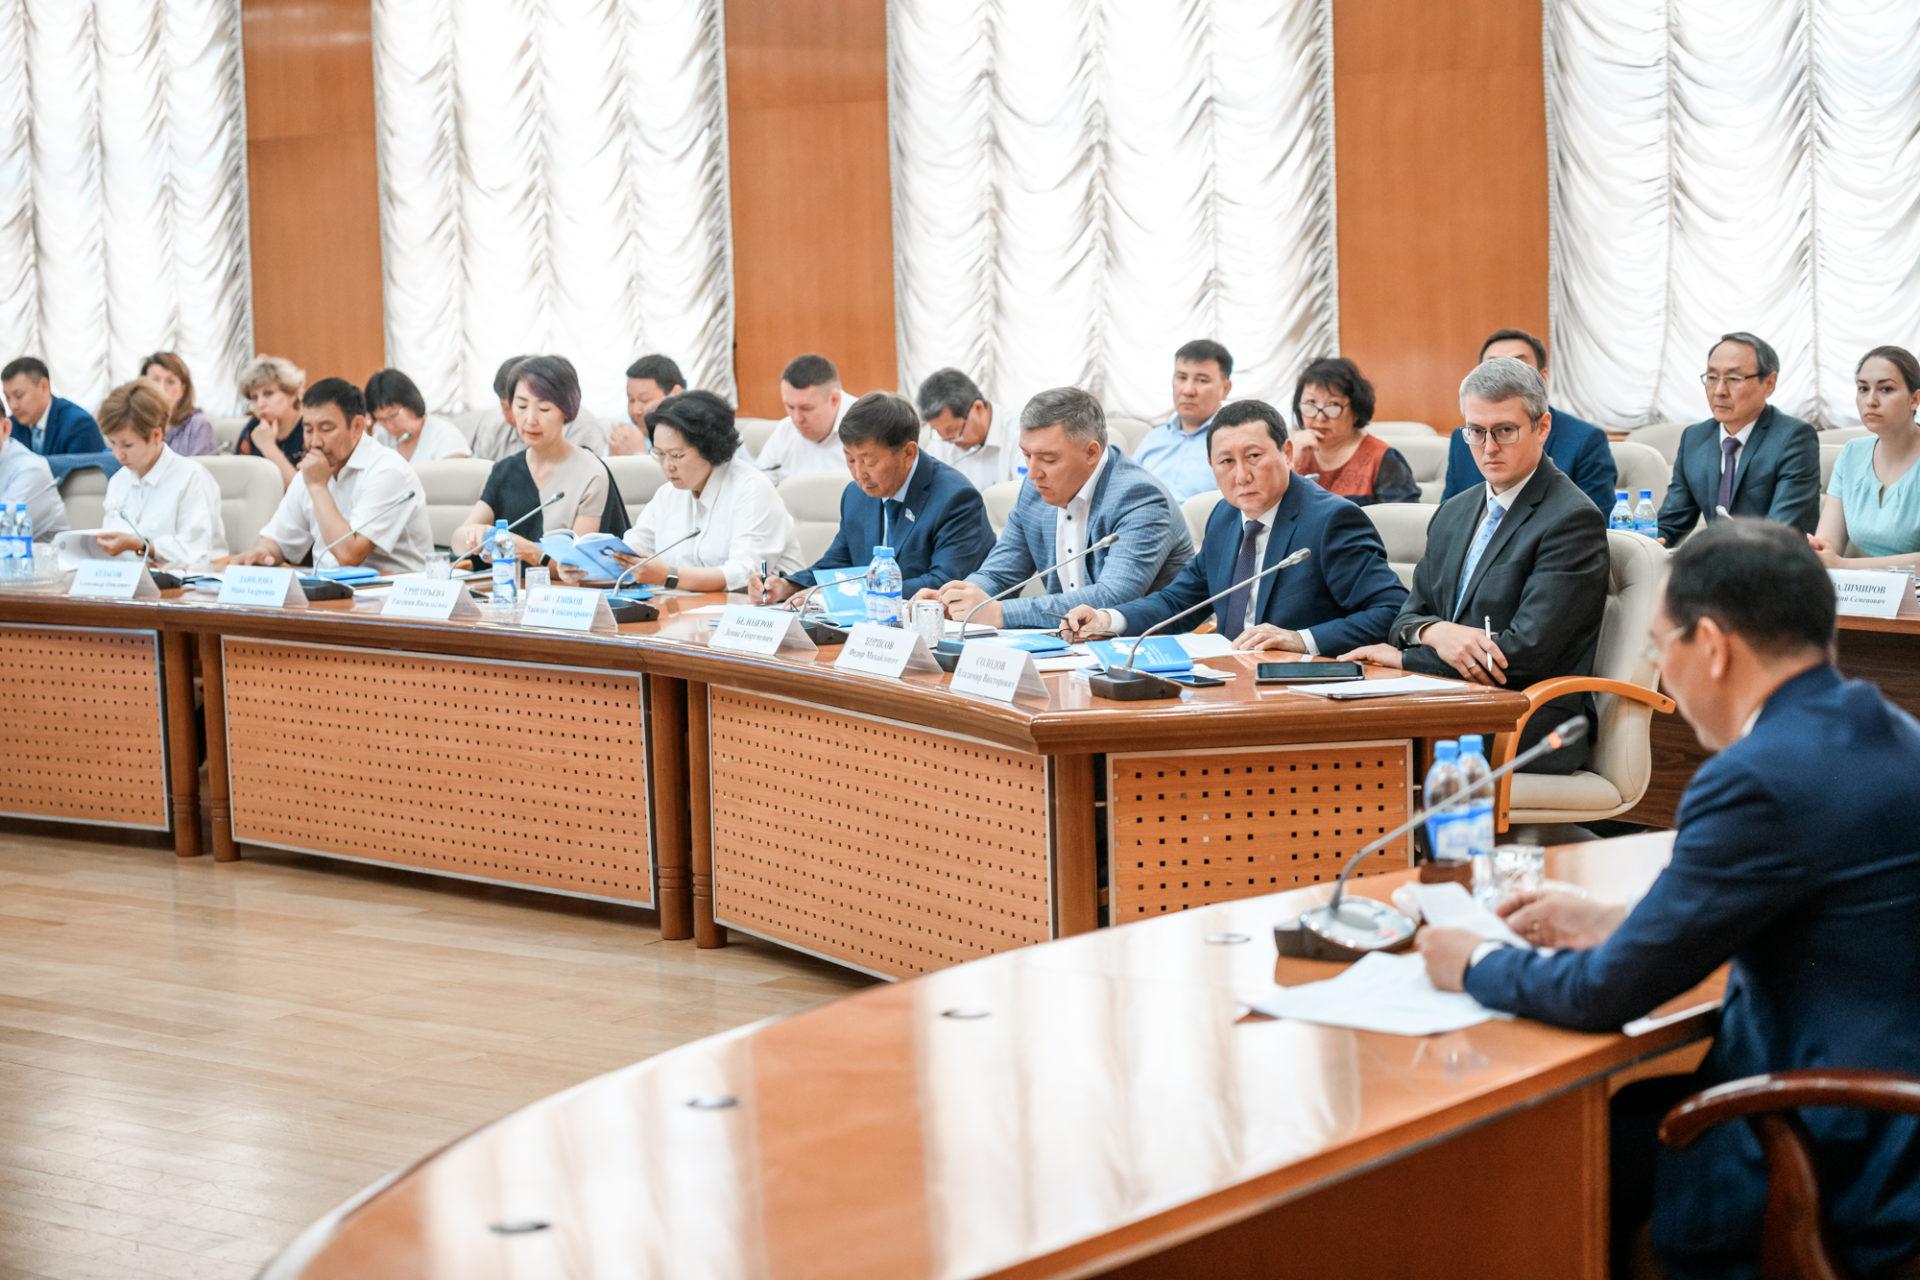 Айсен Николаев обозначил необходимость повышения управленческих компетенций глав муниципальных образований